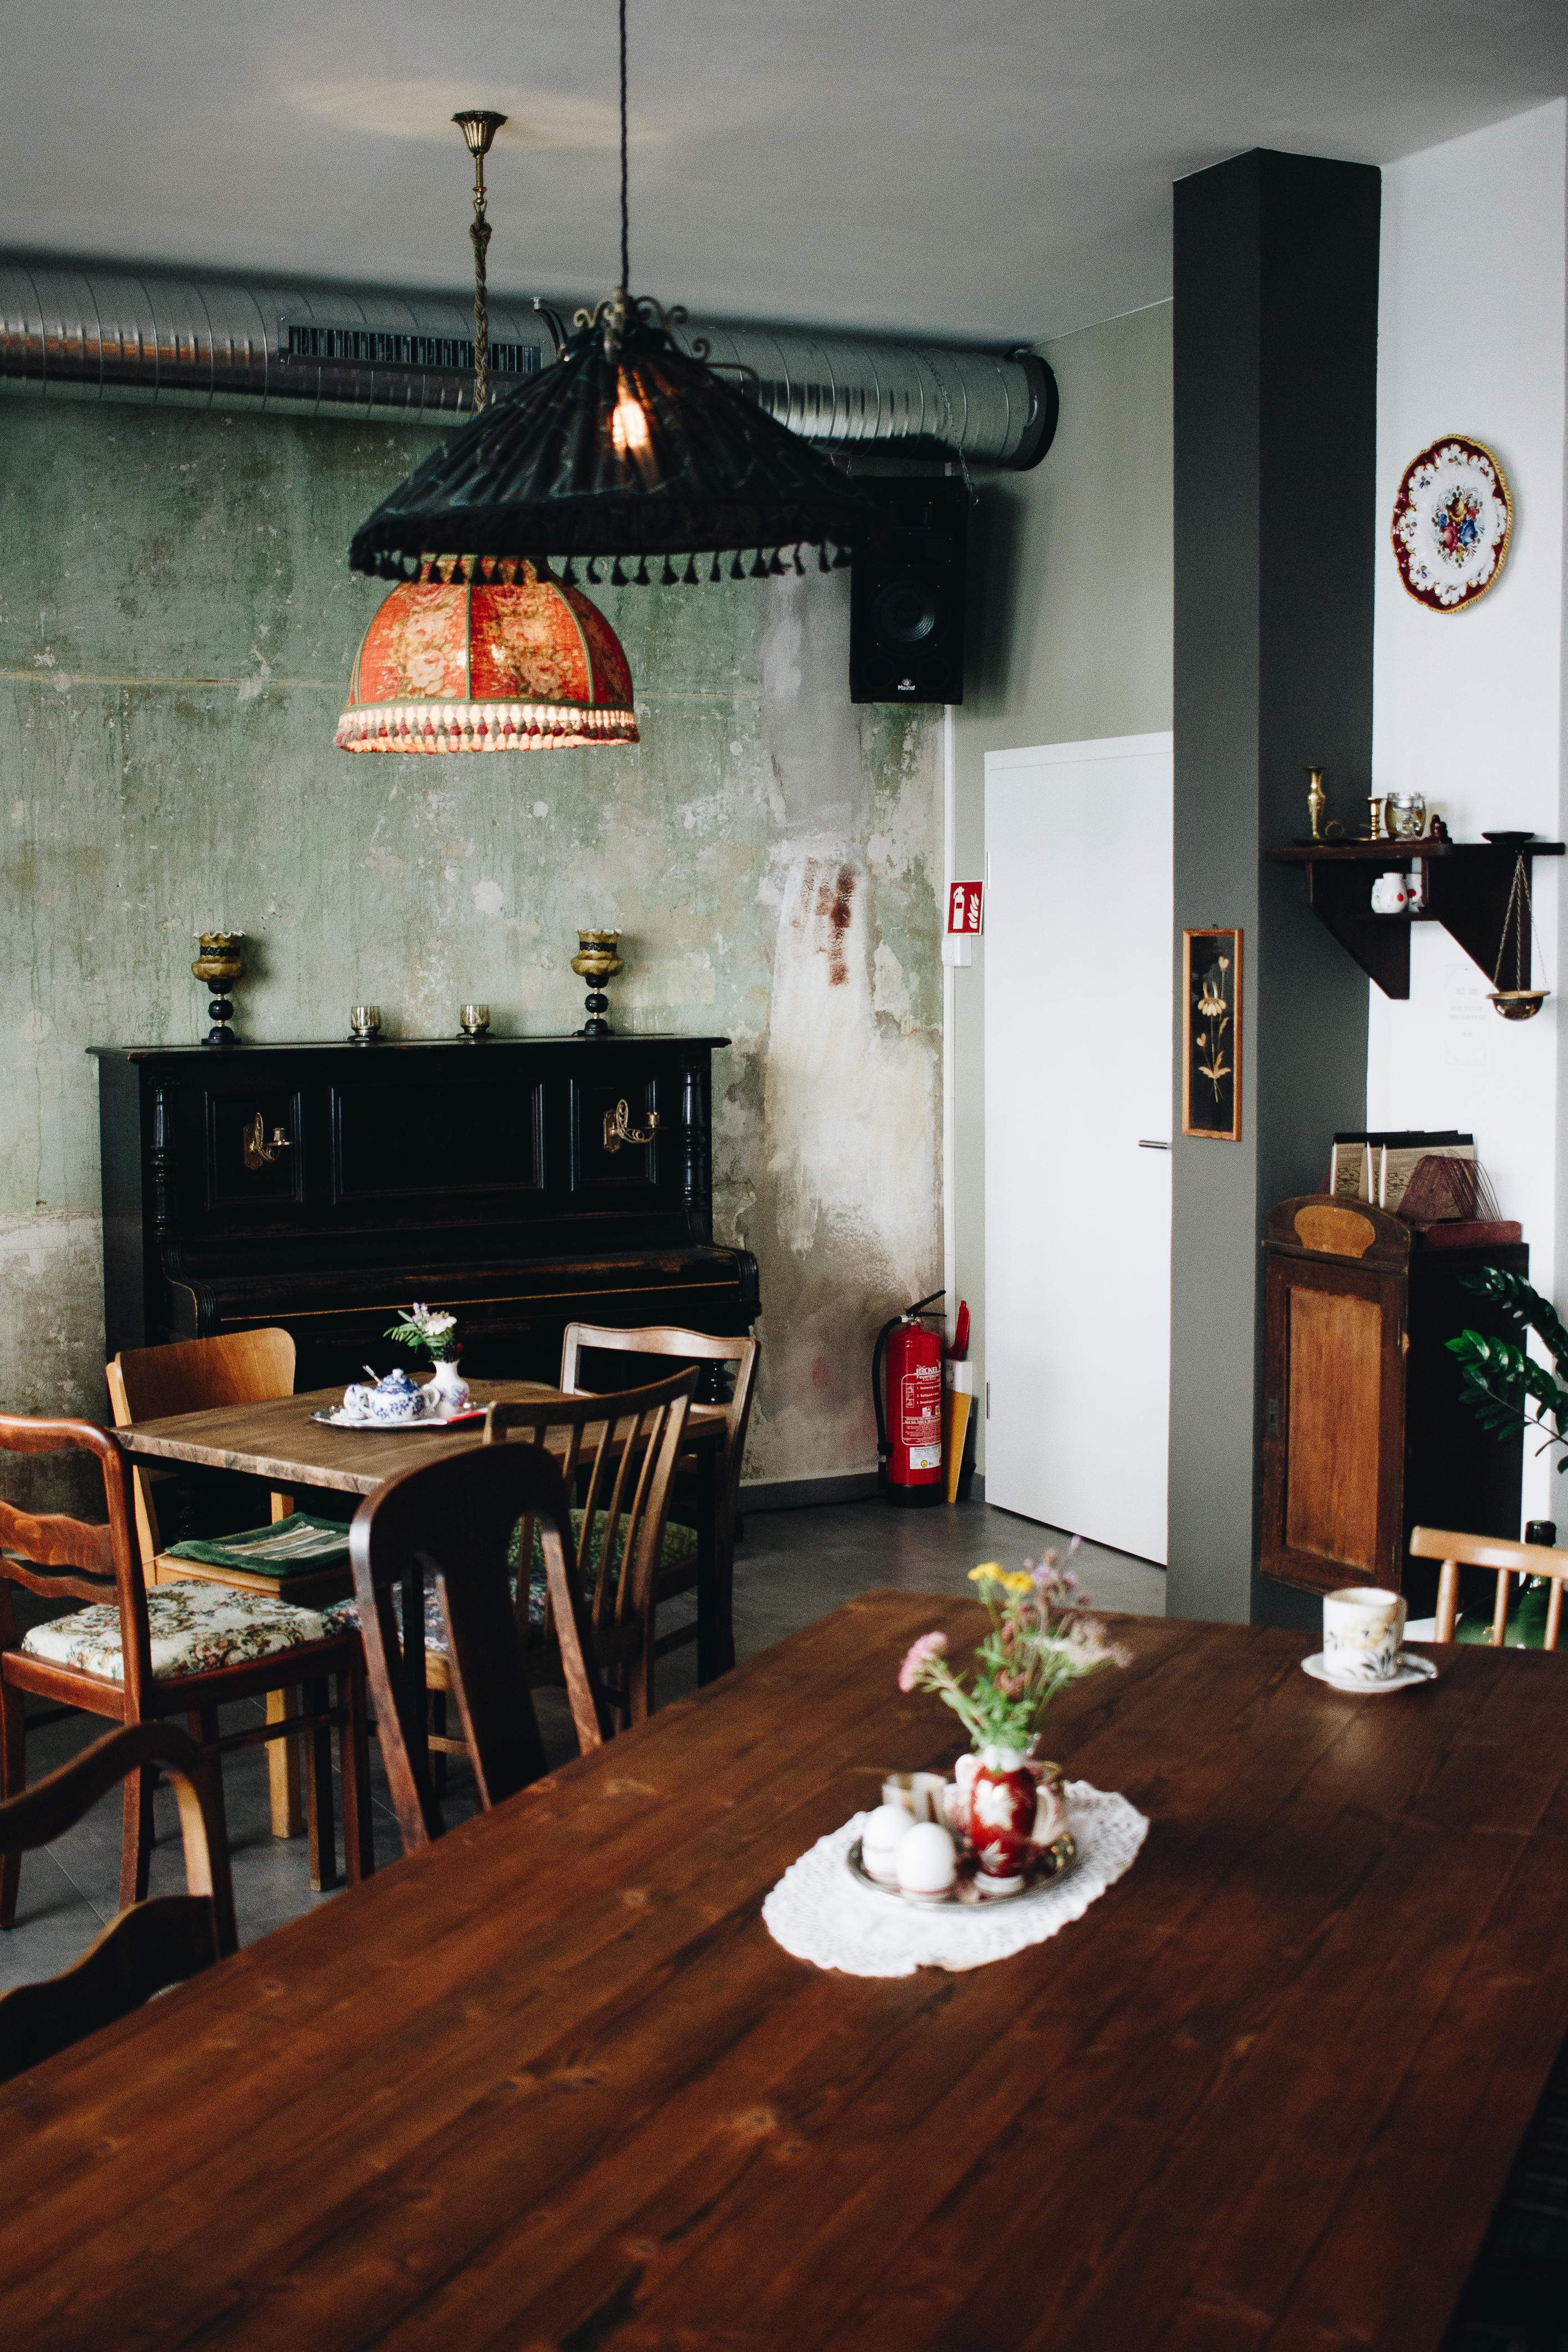 café bubu-reudnitz-annabelle sagt-leipzig8